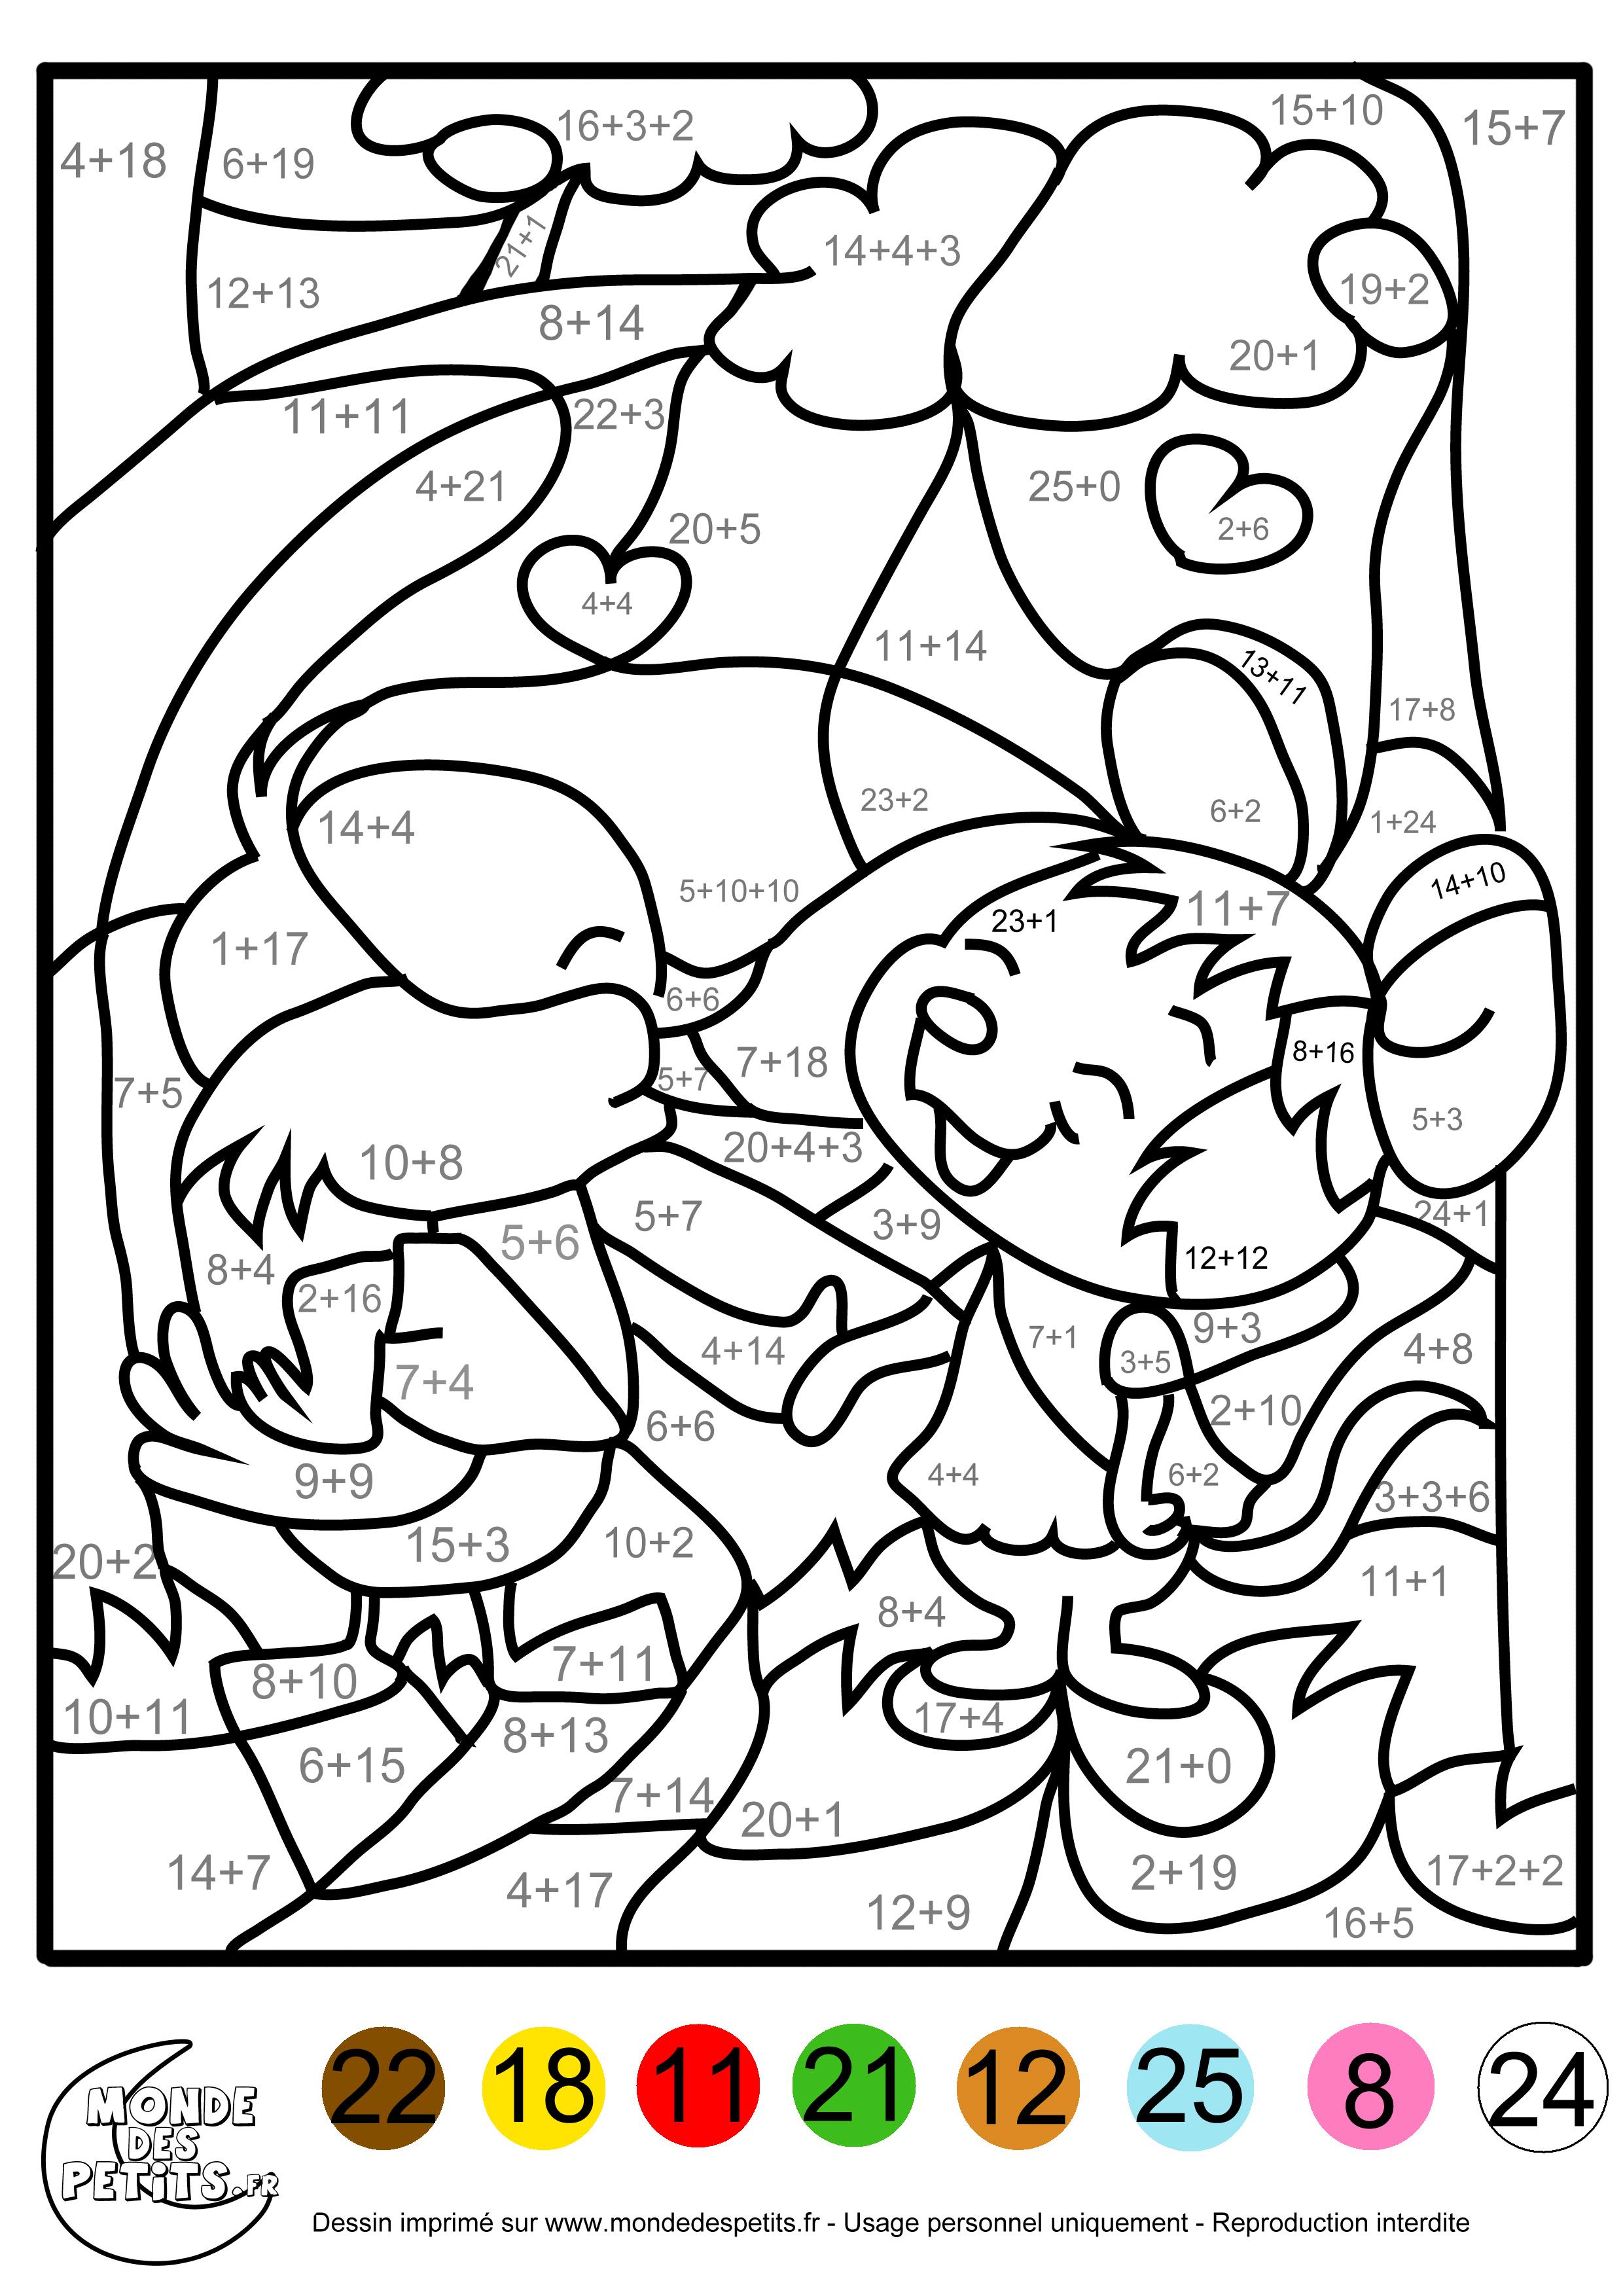 Dessins en couleurs imprimer coloriages magiques - Coloriages magiques ms ...